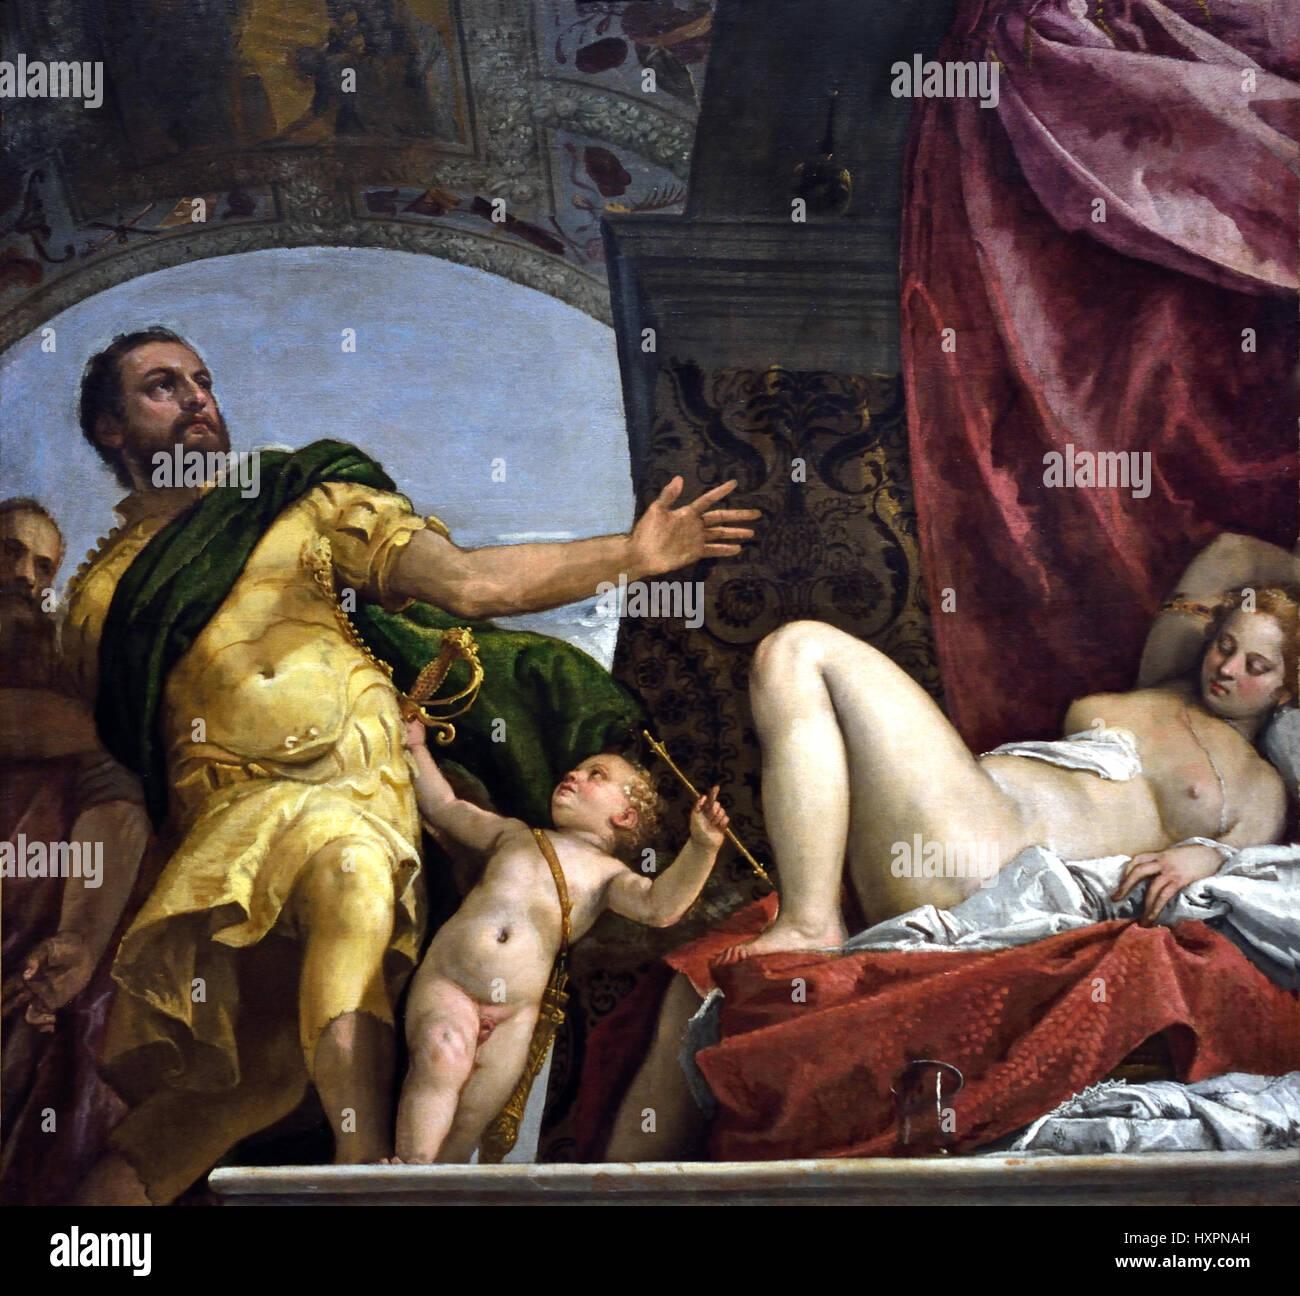 Paolo Caliari, conocido como Paolo Veronese (1528-1588), fue un pintor renacentista italiano, Venecia, Italia. Imagen De Stock